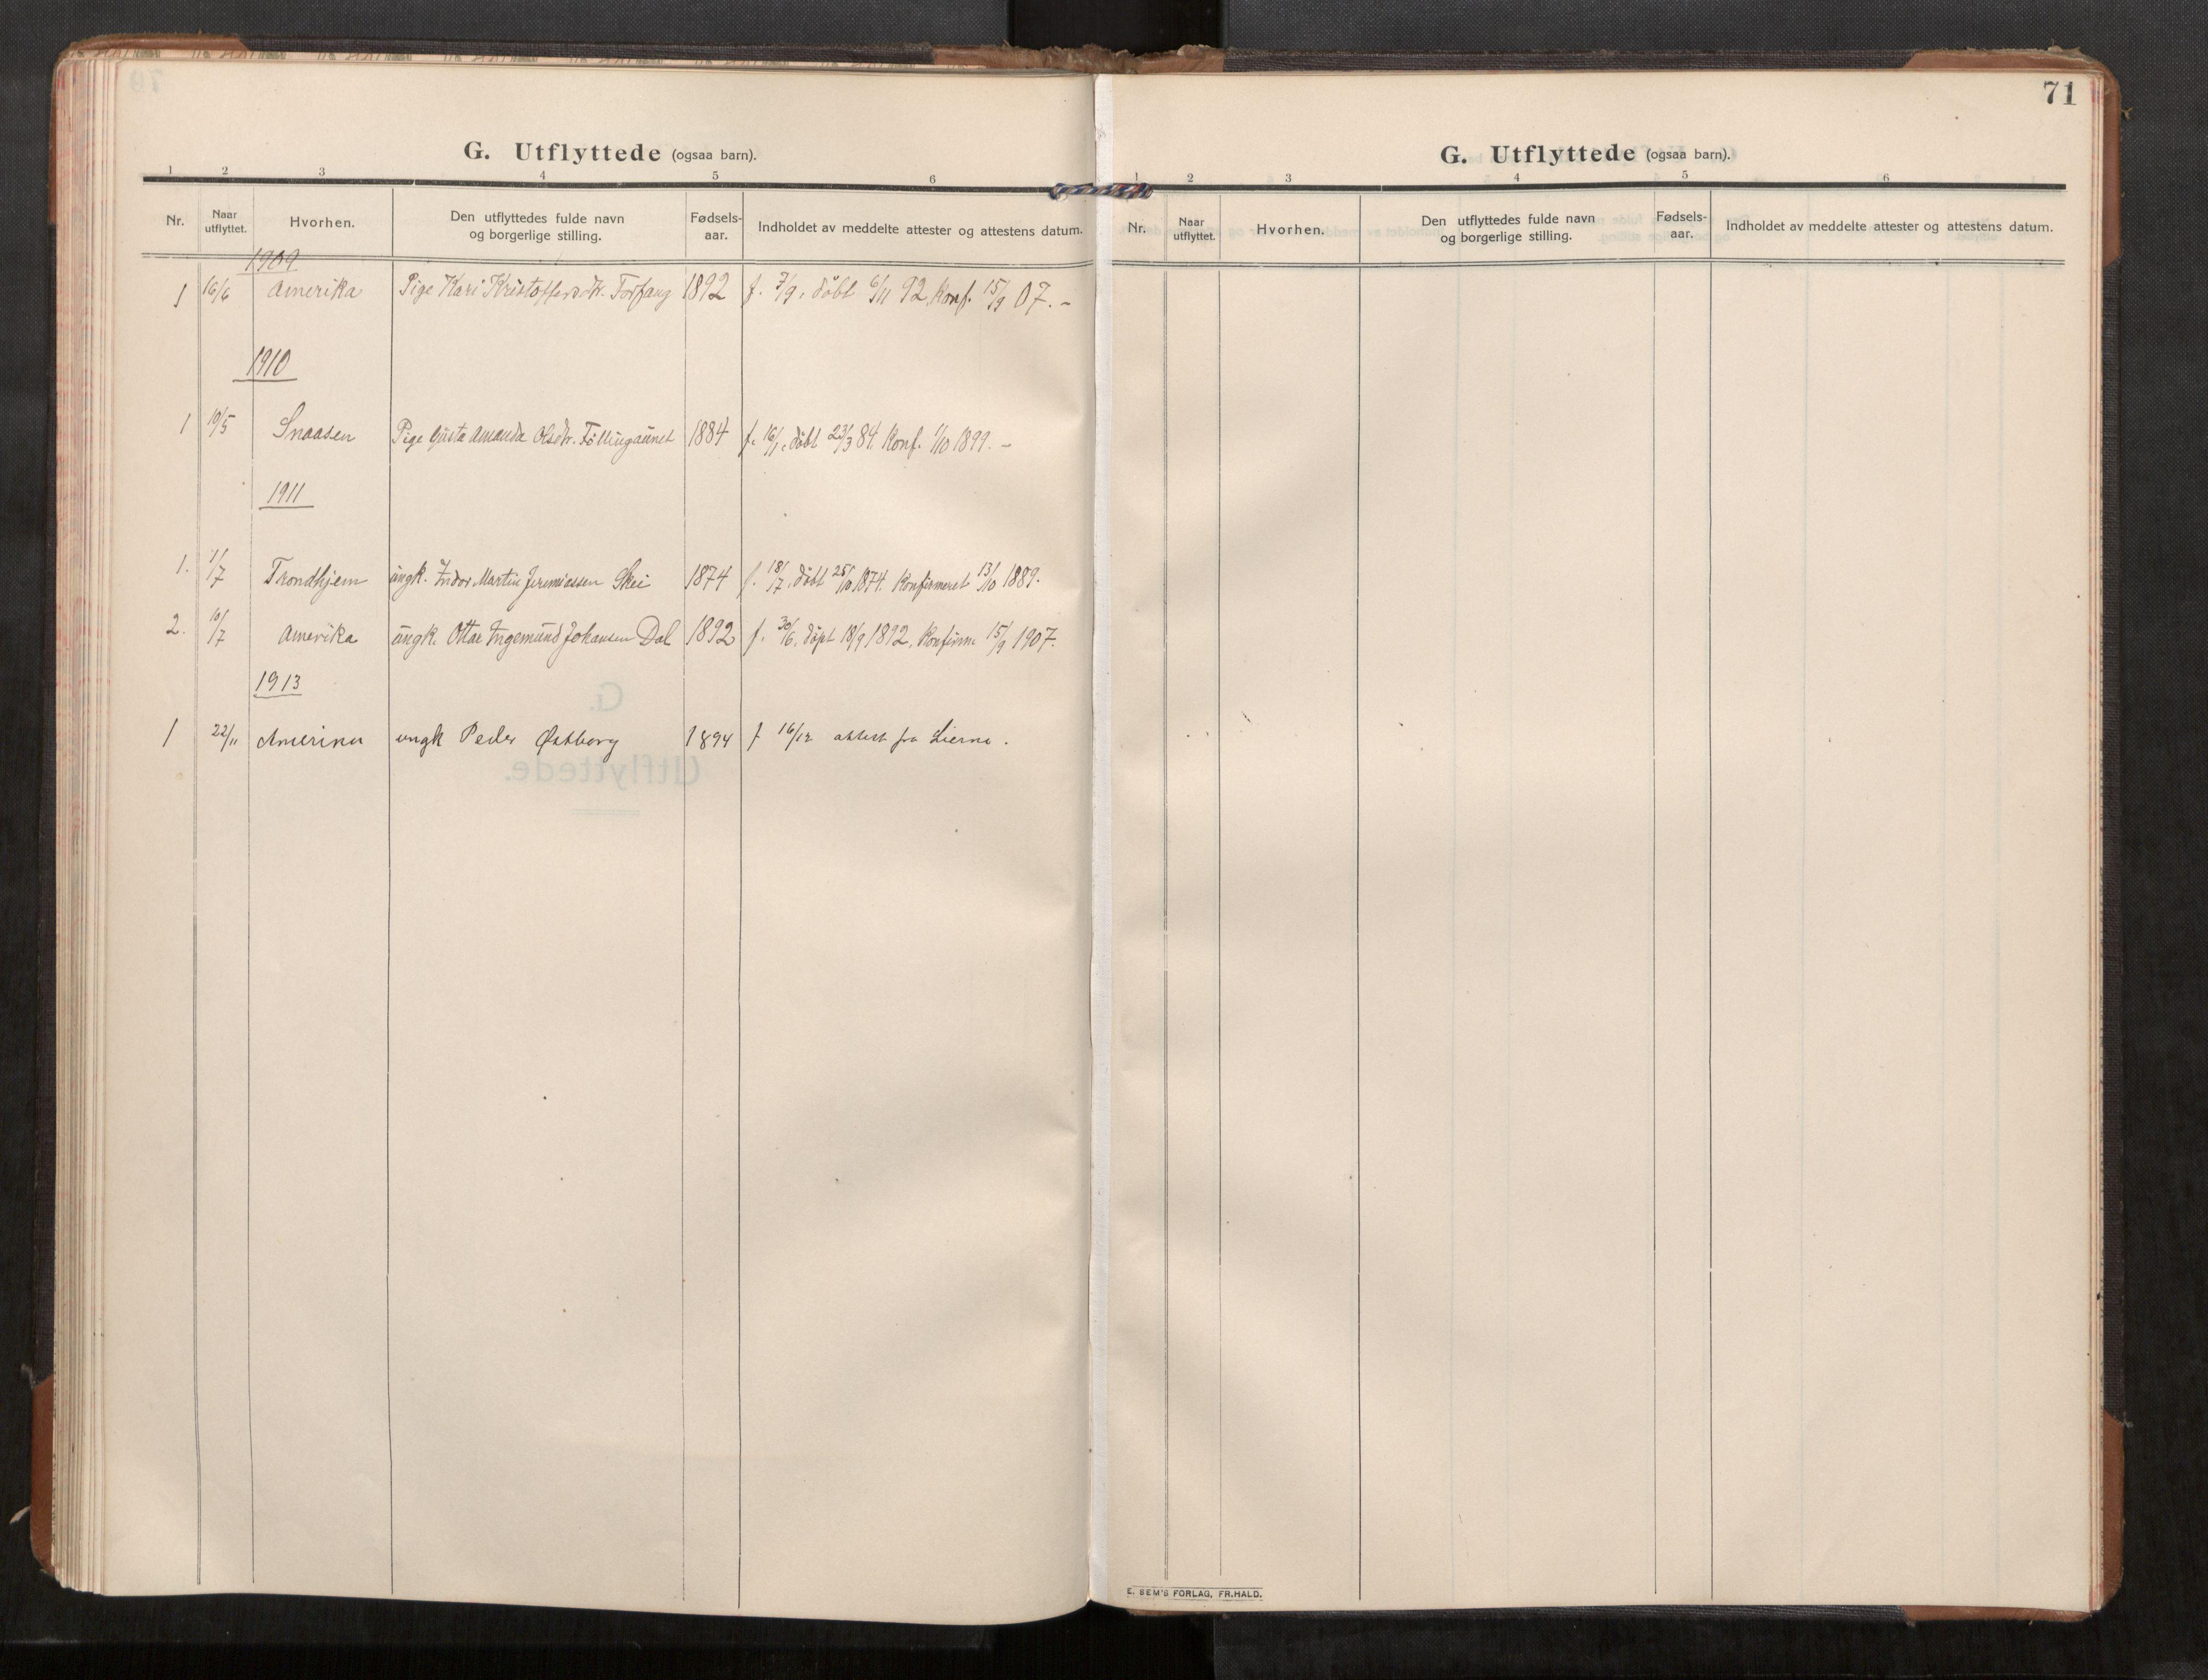 SAT, Stod sokneprestkontor, I/I1/I1a/L0003: Parish register (official) no. 3, 1909-1934, p. 71